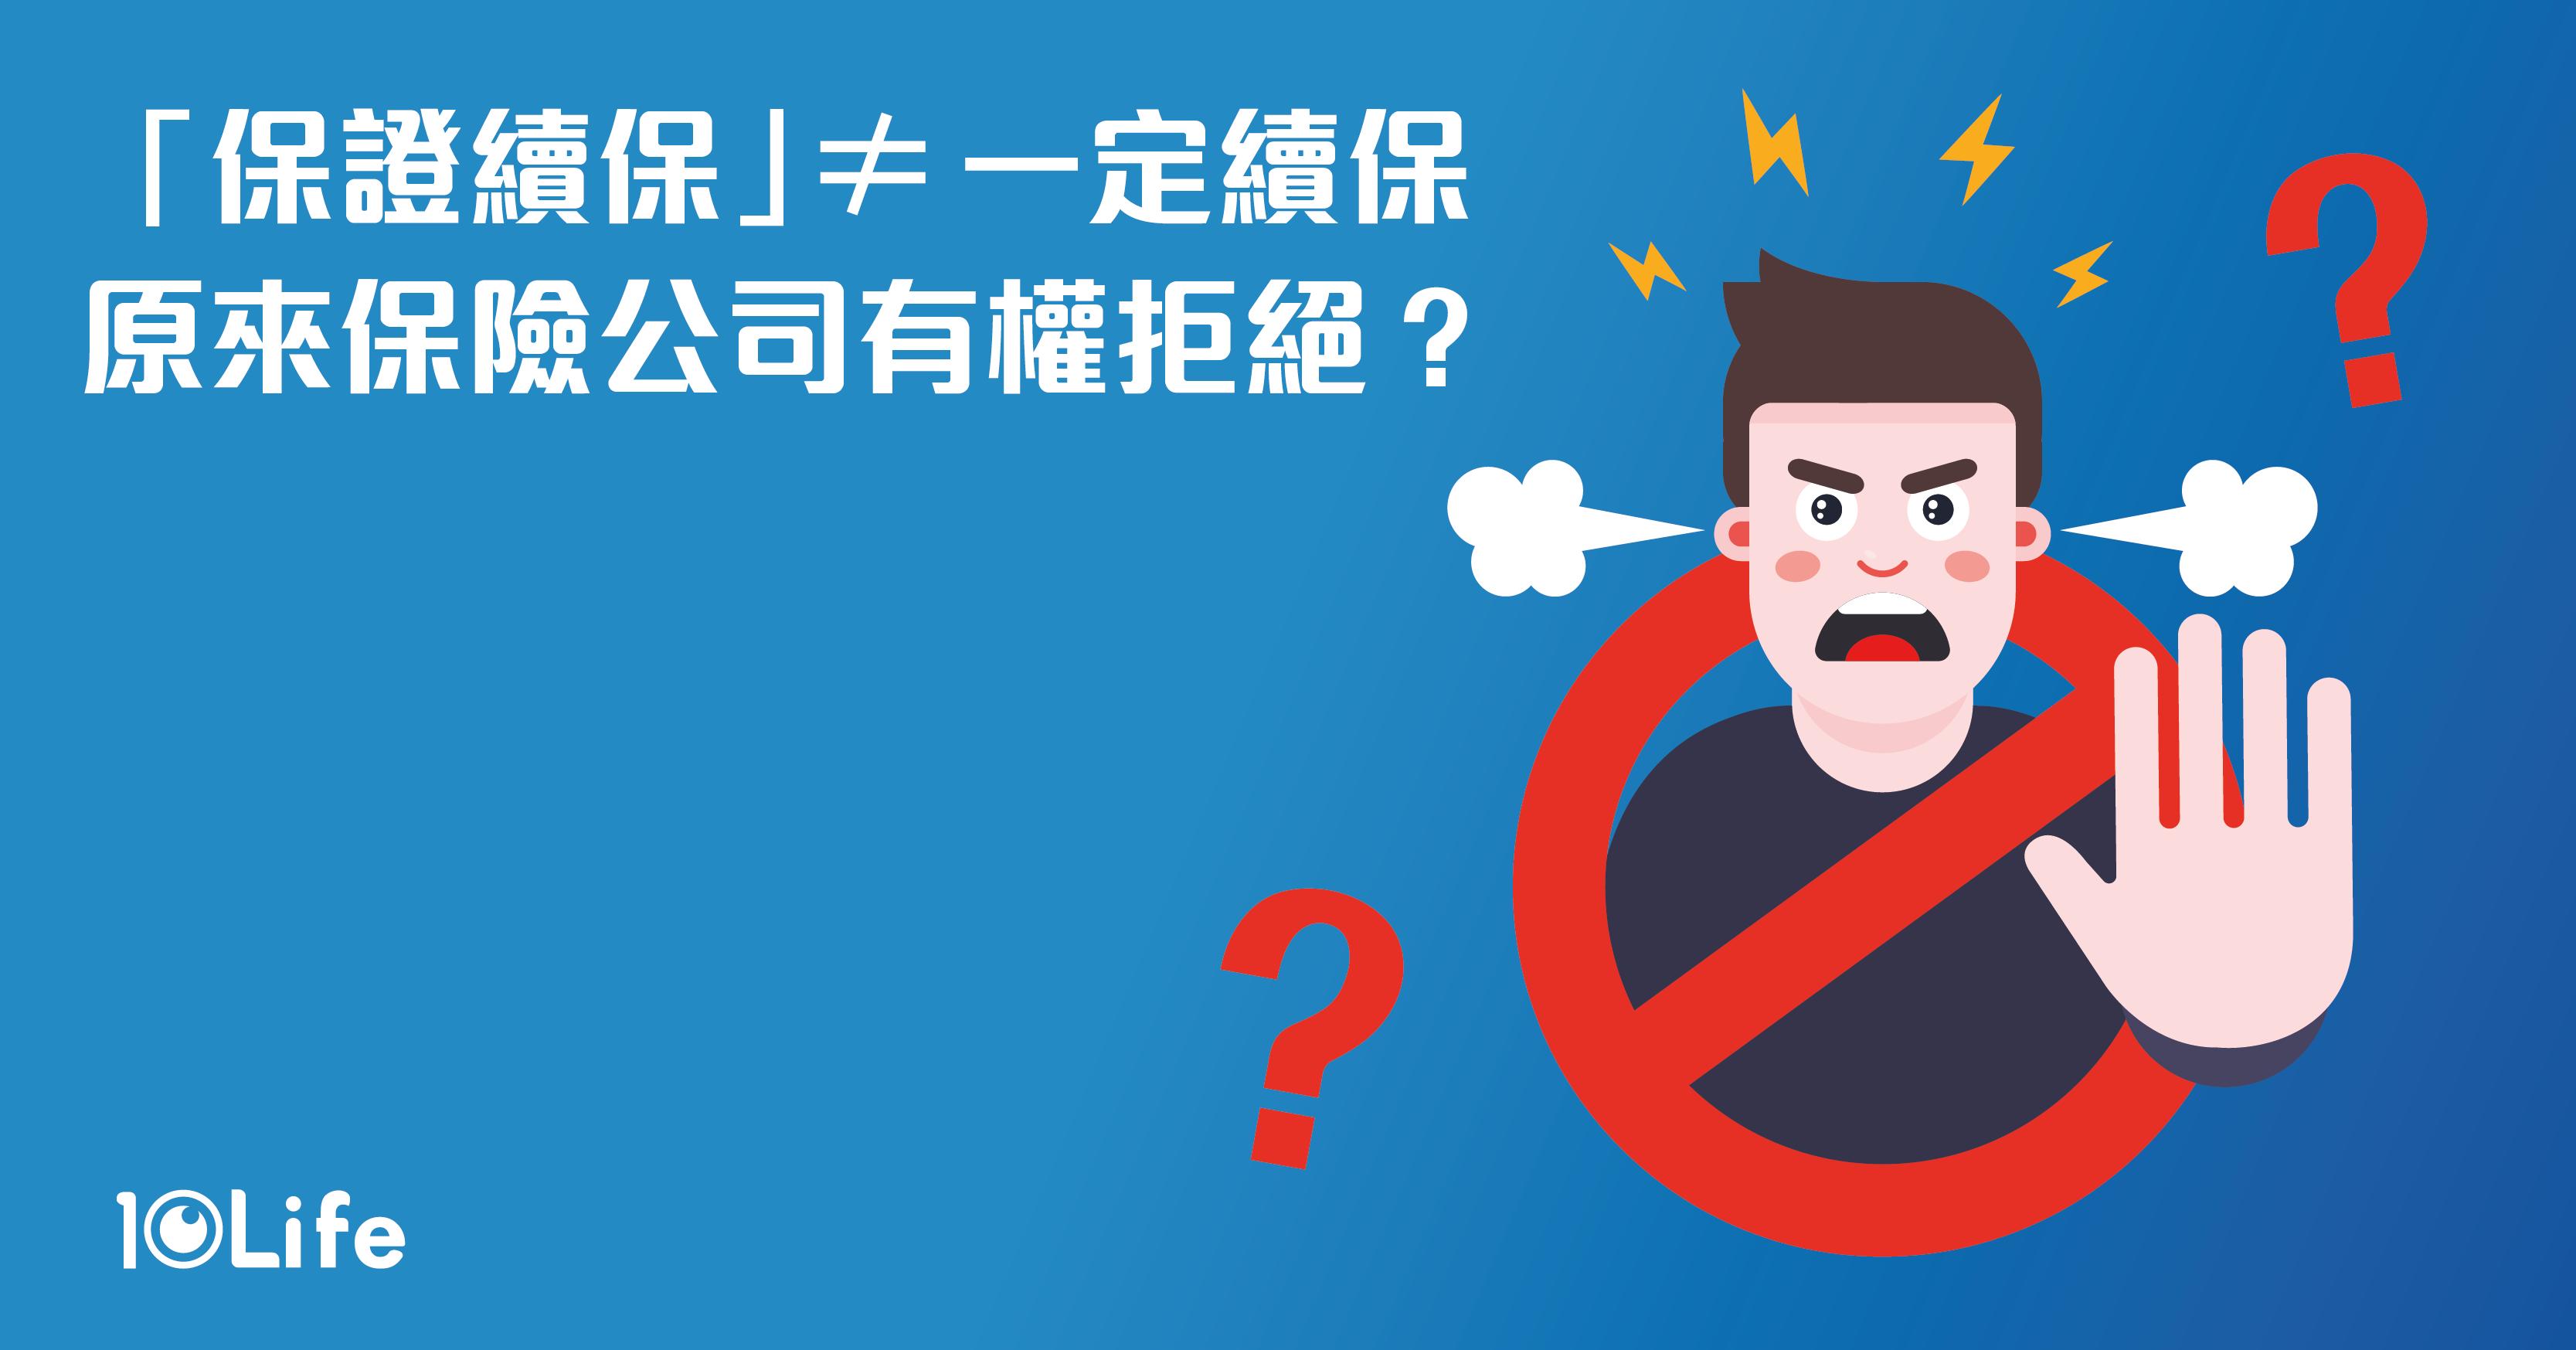 保證續保係美麗誤會?內地醫療保險「自動續保」字眼受規管  香港會否跟隨?